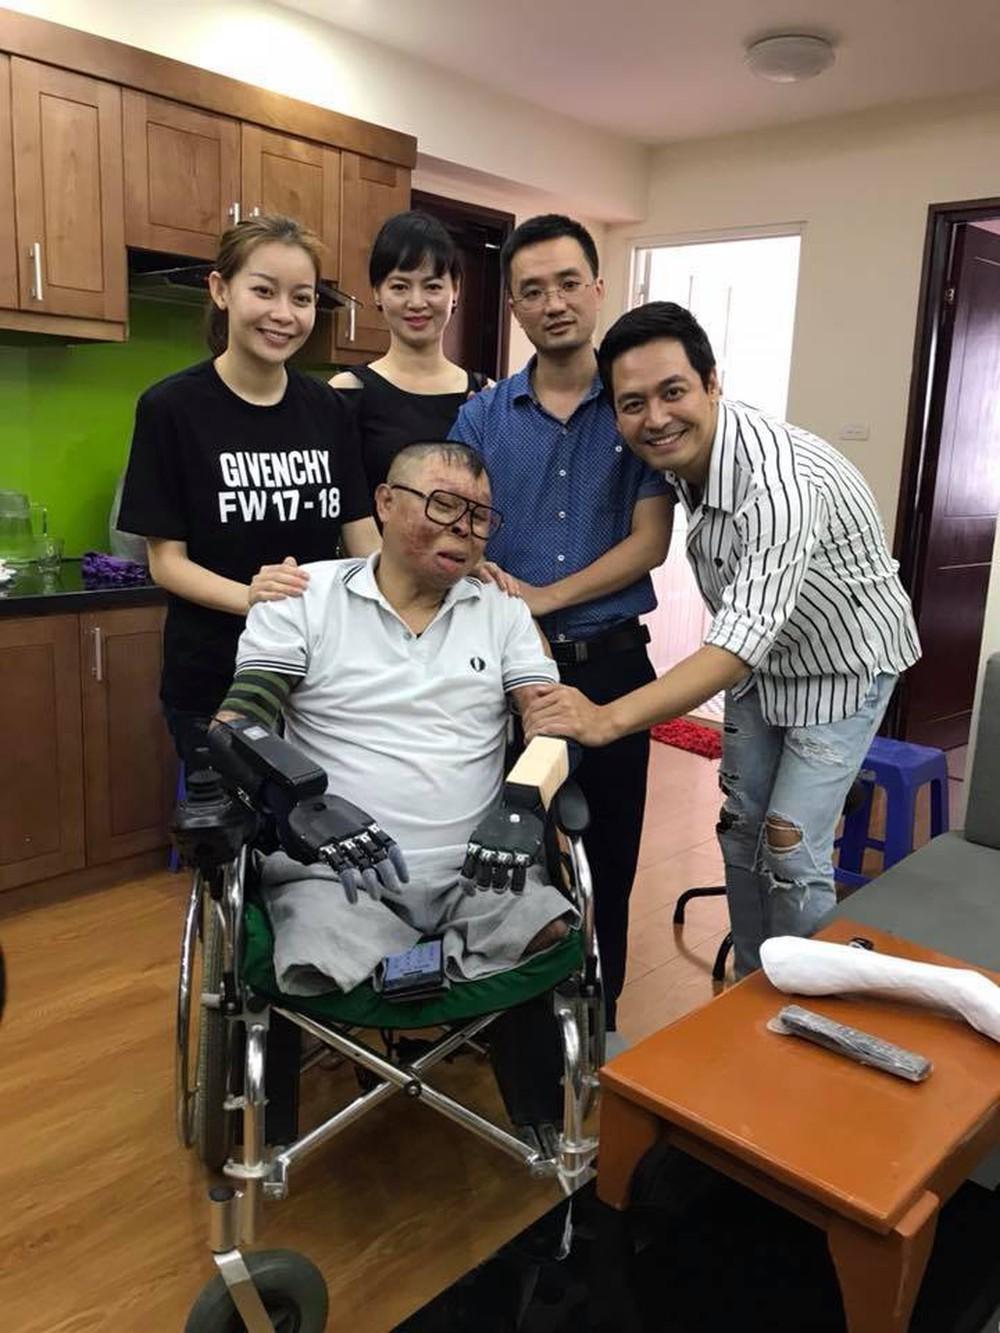 Chiến sỹ sống sót duy nhất sau vụ rơi máy bay ở Hòa Lạc nhận tay giả từ MC Phan Anh - Ảnh 1.